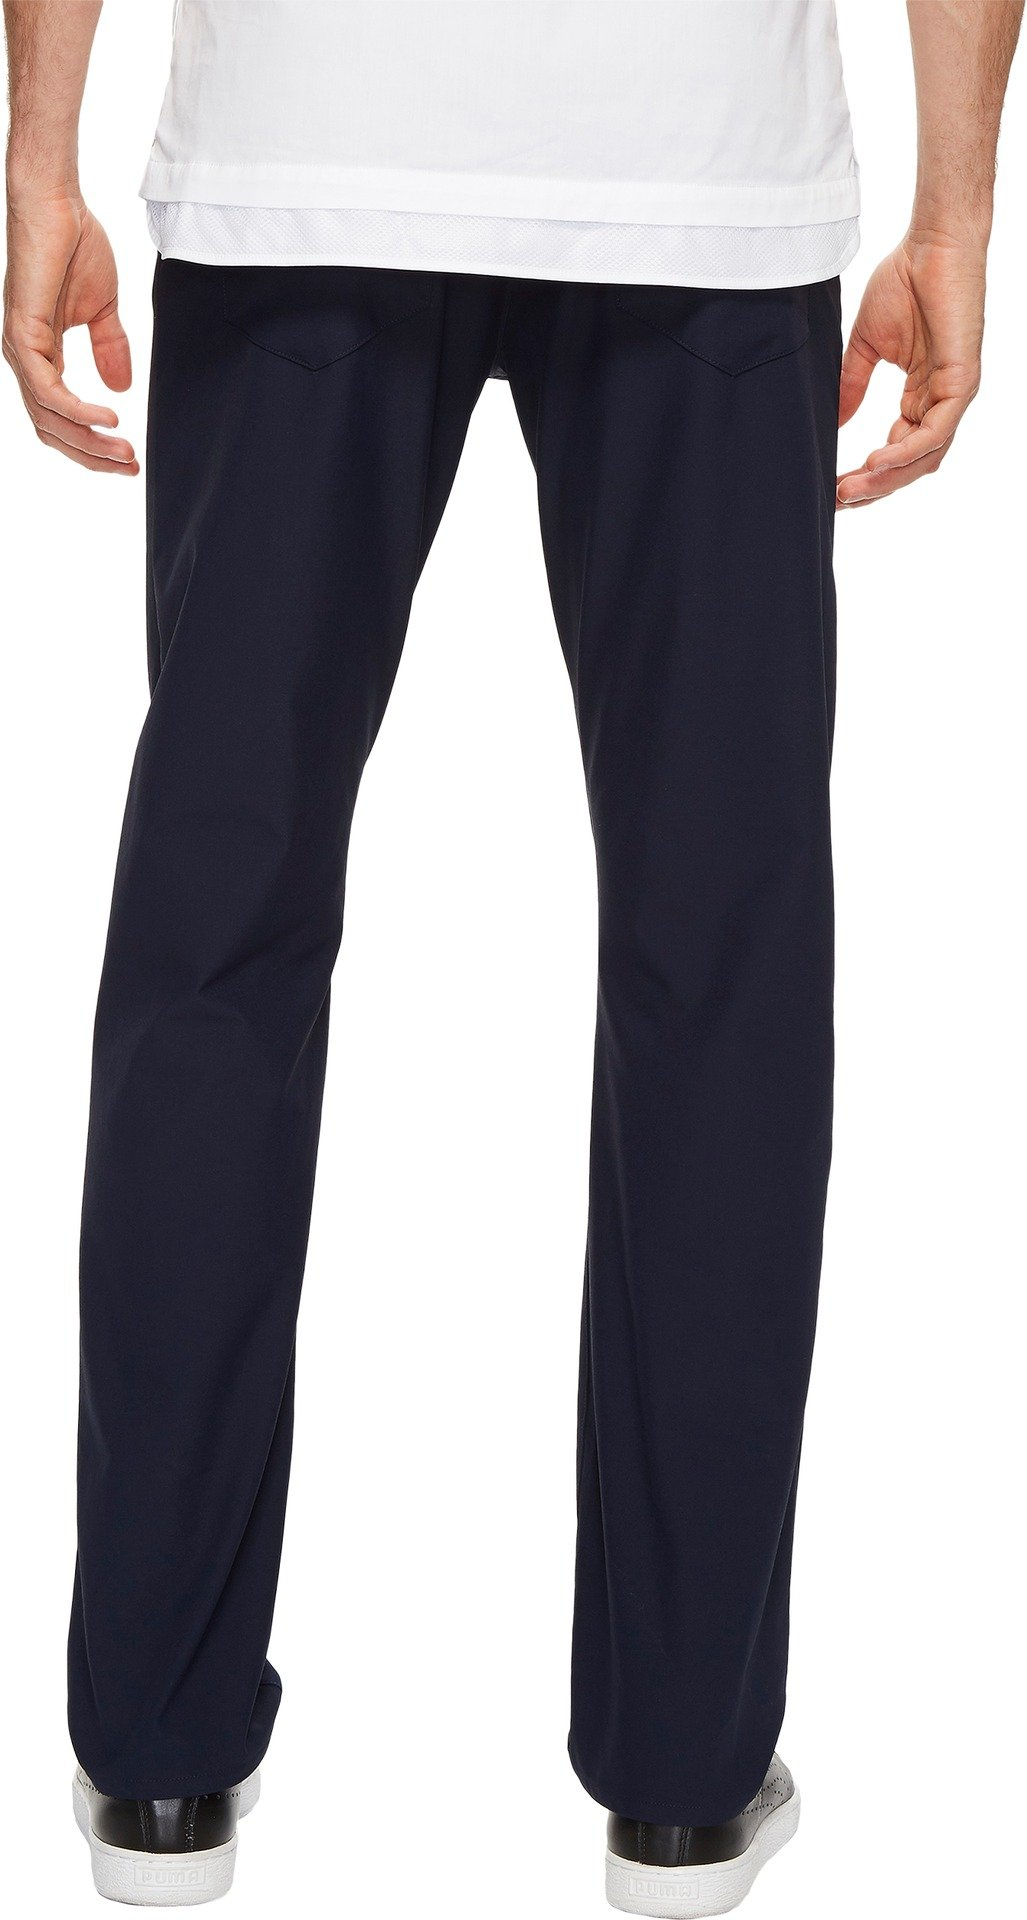 Calvin Klein Men's Infinite Slim Fit Trouser Suit Pant 4-Way Stretch, Sky Captain Blue, 36W 32L